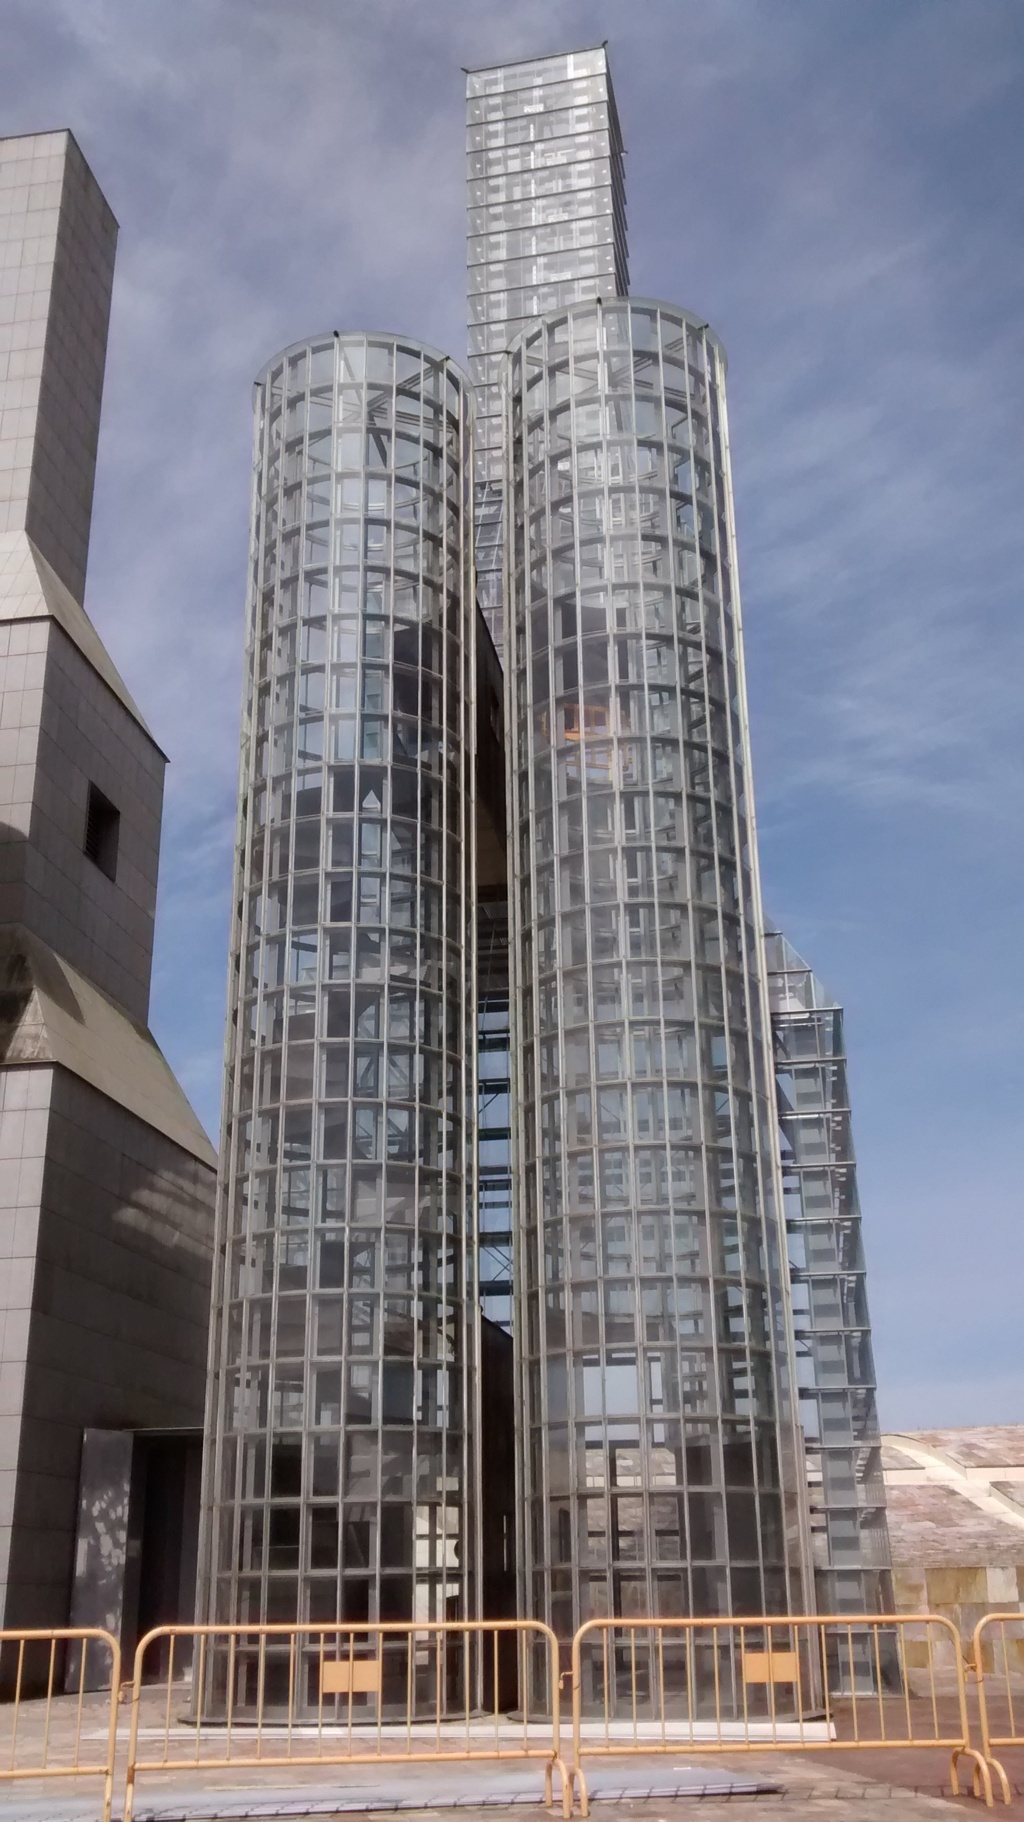 Vista 3 - Torres de John Hejduk